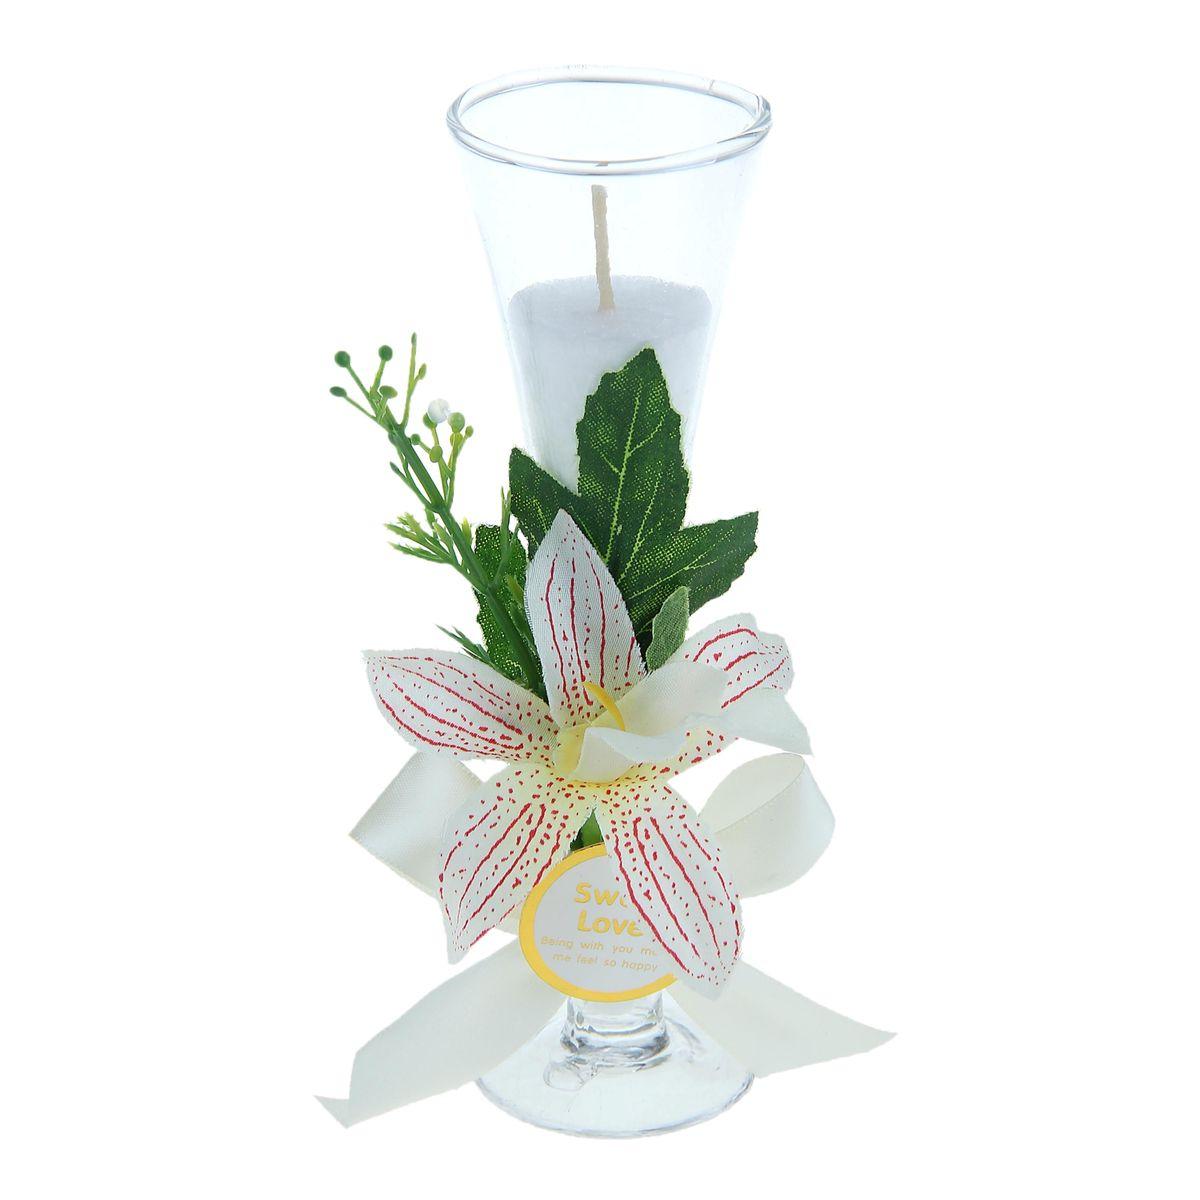 Свеча Sima-land Орхидея, цвет: белый, высота 15,5 см1030860Свеча Sima-land Орхидея выполнена из воска и поставляется в подсвечнике в виде бокала, оформленного цветочным декором. Изделие порадует ярким дизайном и оригинальностью. Создайте для себя и своих близких незабываемую атмосферу праздника в доме. Свеча Sima-land Орхидея может стать не только отличным подарком, но и гарантией хорошего настроения, ведь это красивая вещь из качественного, безопасного для здоровья материала.